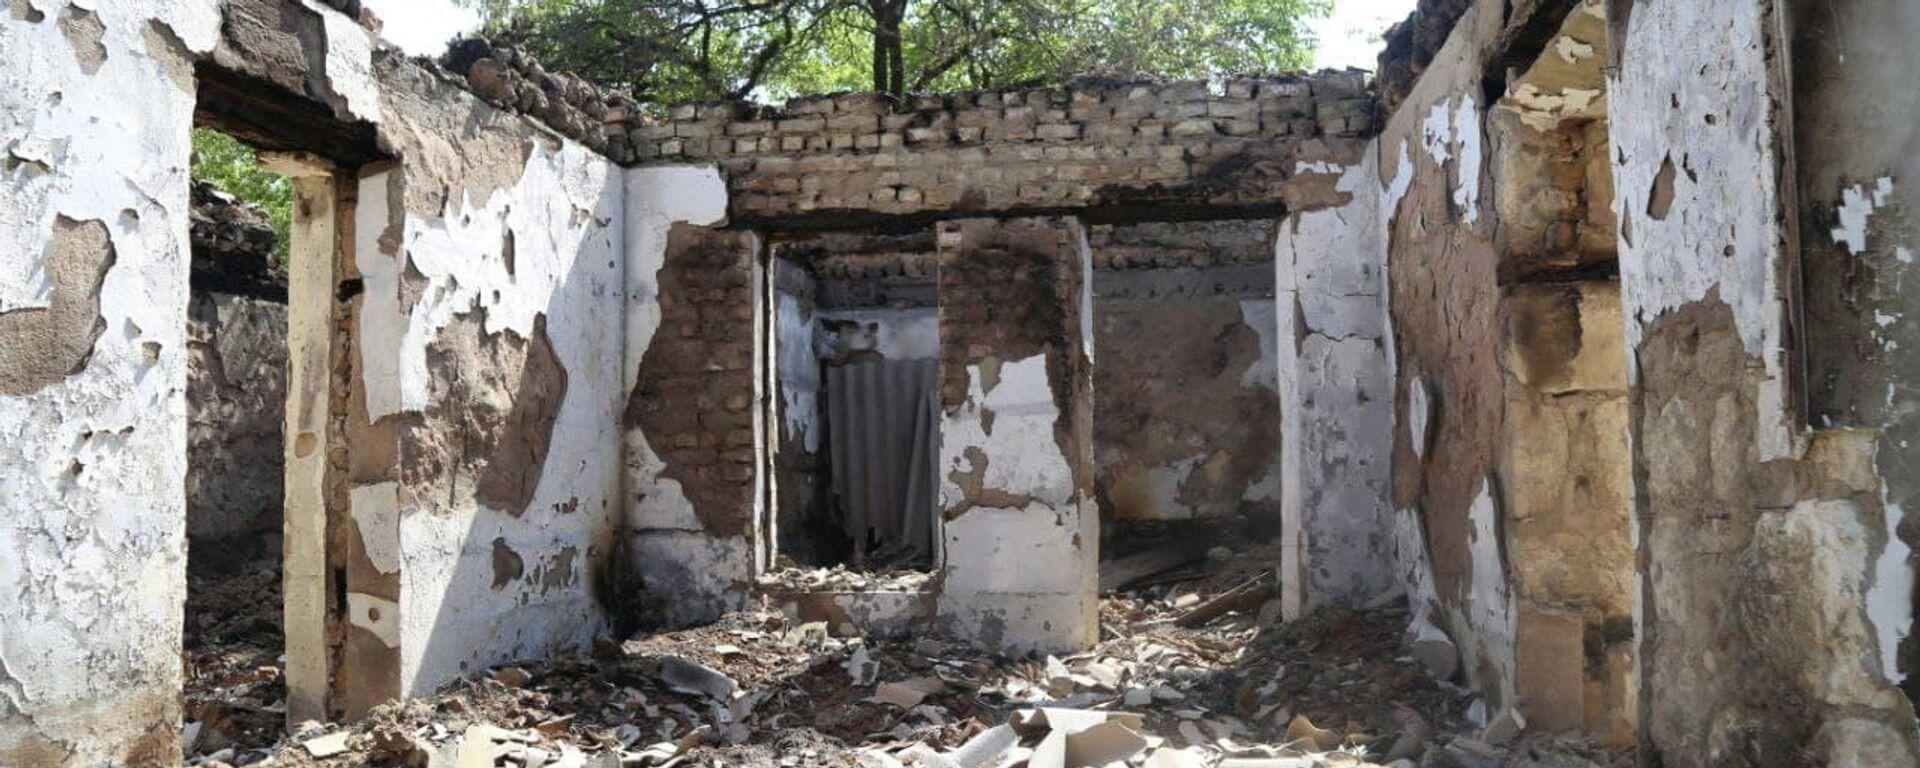 Разрушенные дома в селах Ходжаи Аъло и Сомониён джамоата Чоркух города Исфара  - Sputnik Таджикистан, 1920, 06.05.2021